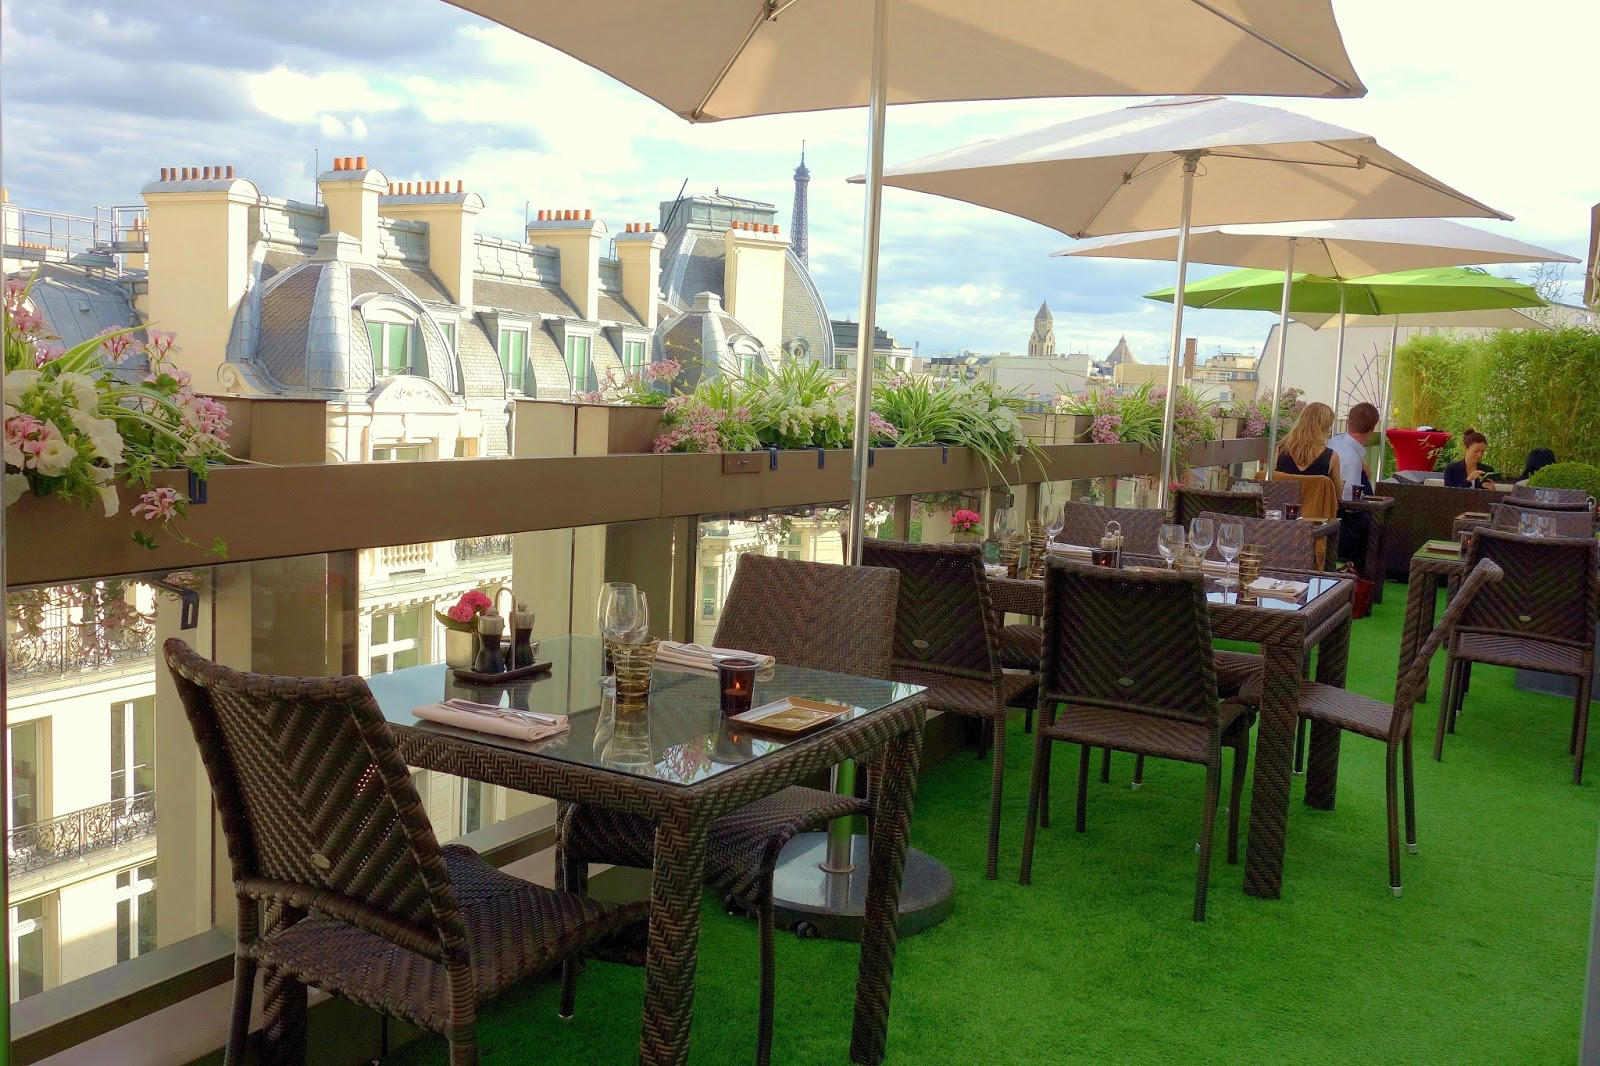 Mes adresses la r sidence d 39 t du restaurant w la terrasse penthouse de l 39 h tel warwick - Restaurant en terrasse paris ...